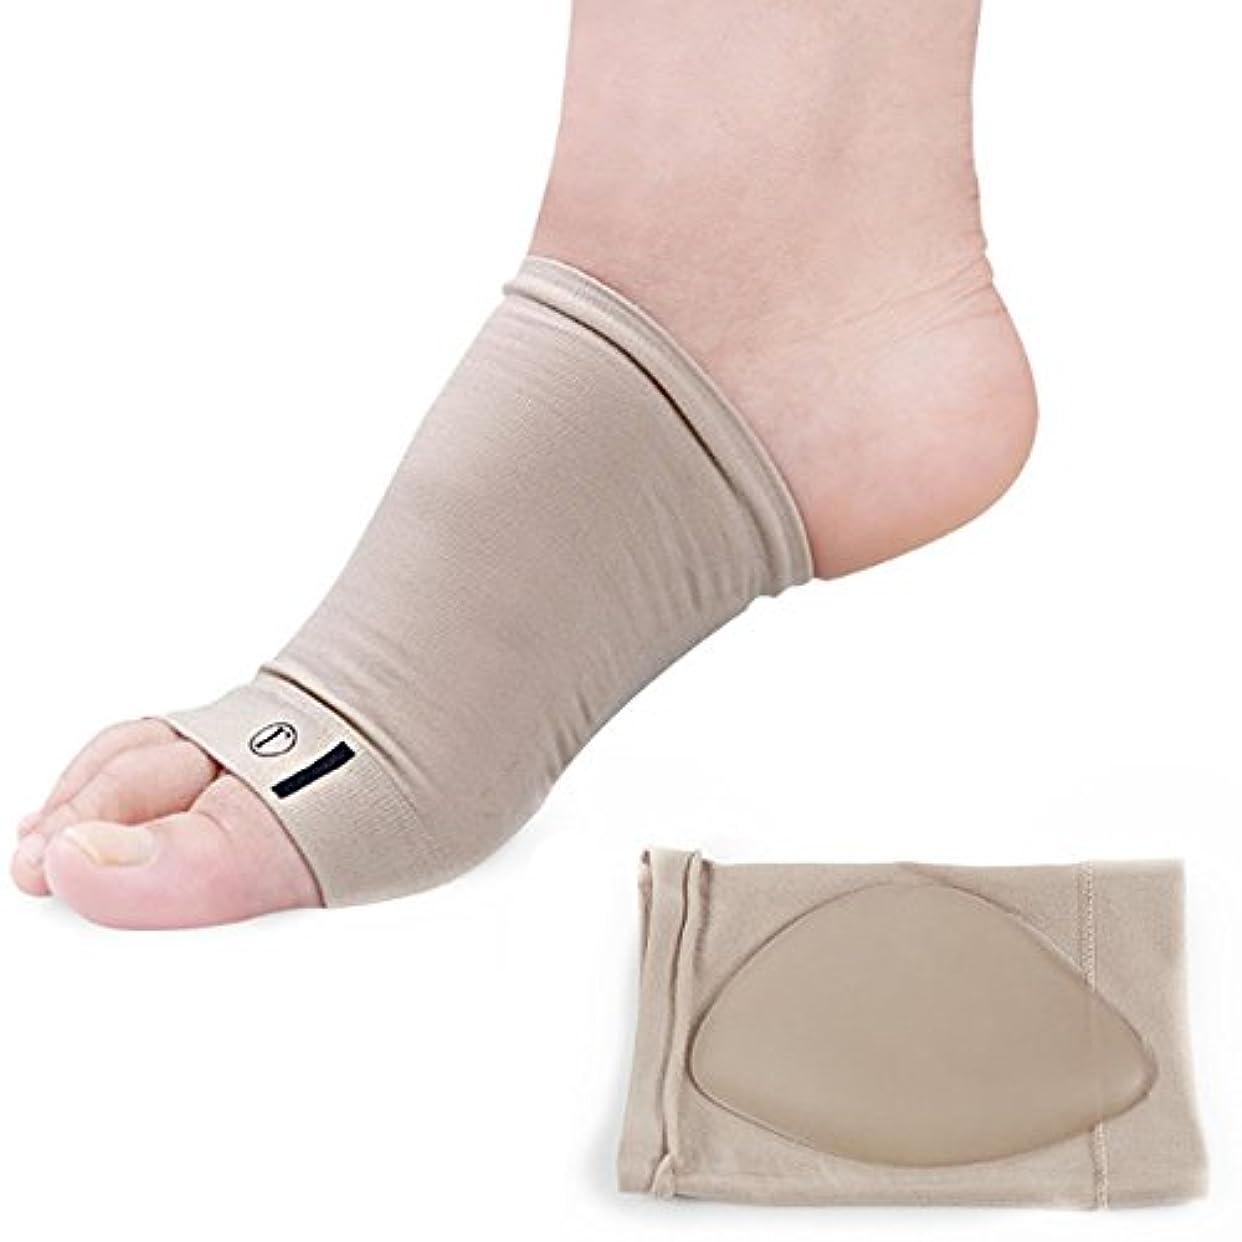 印象派でる気がついて山の奥 足底筋膜炎 アーチサポーター 専用 シリコン インソール 衝撃吸収 足裏 足底の痛みを解消 左右セット 解消足裏パッド